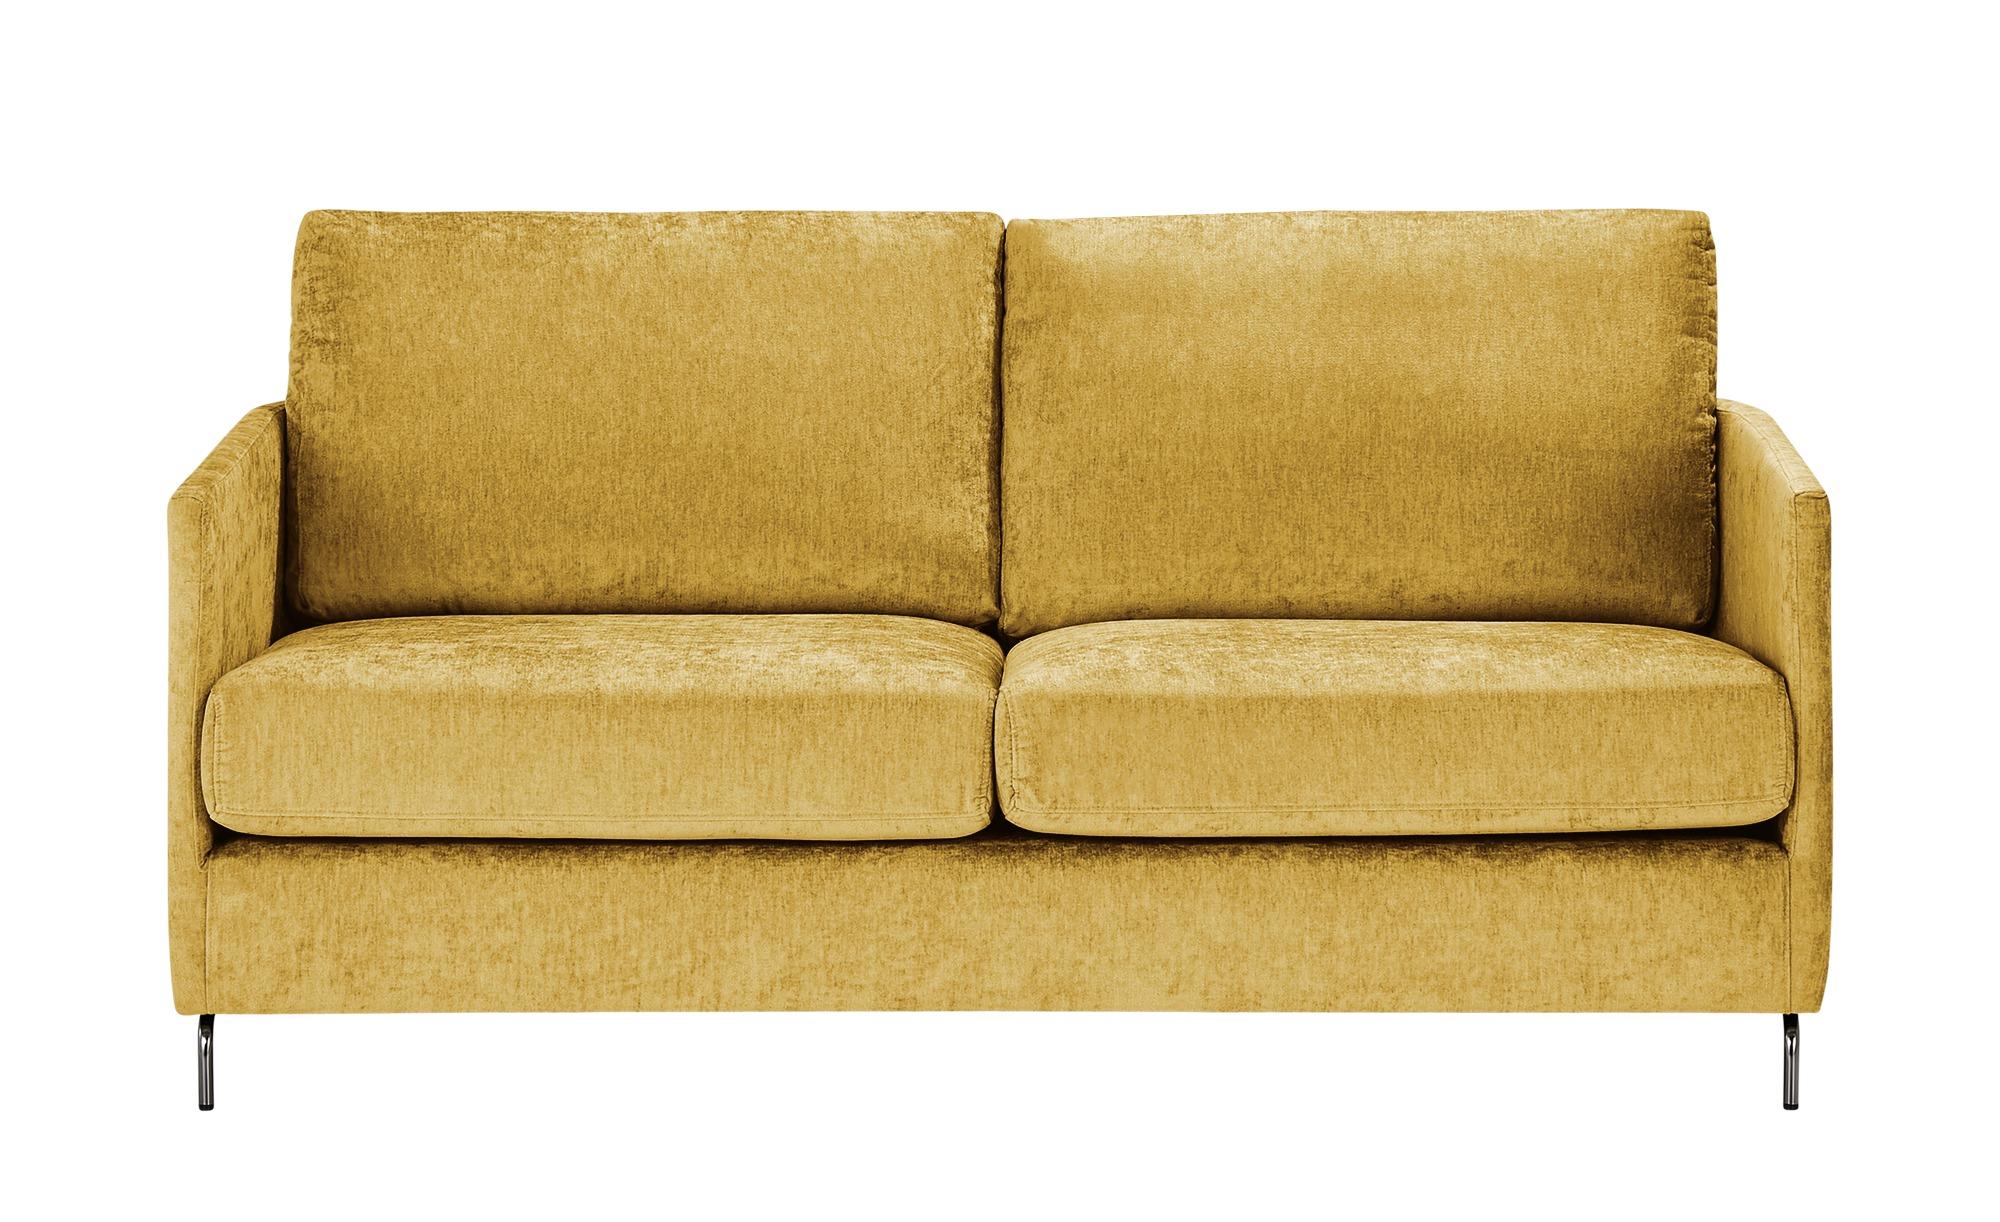 SOHO Sofa  Harriet Day ¦ gelb ¦ Maße (cm): B: 167 H: 78 T: 97 Polstermöbel > Sofas > 2-Sitzer - Höffner